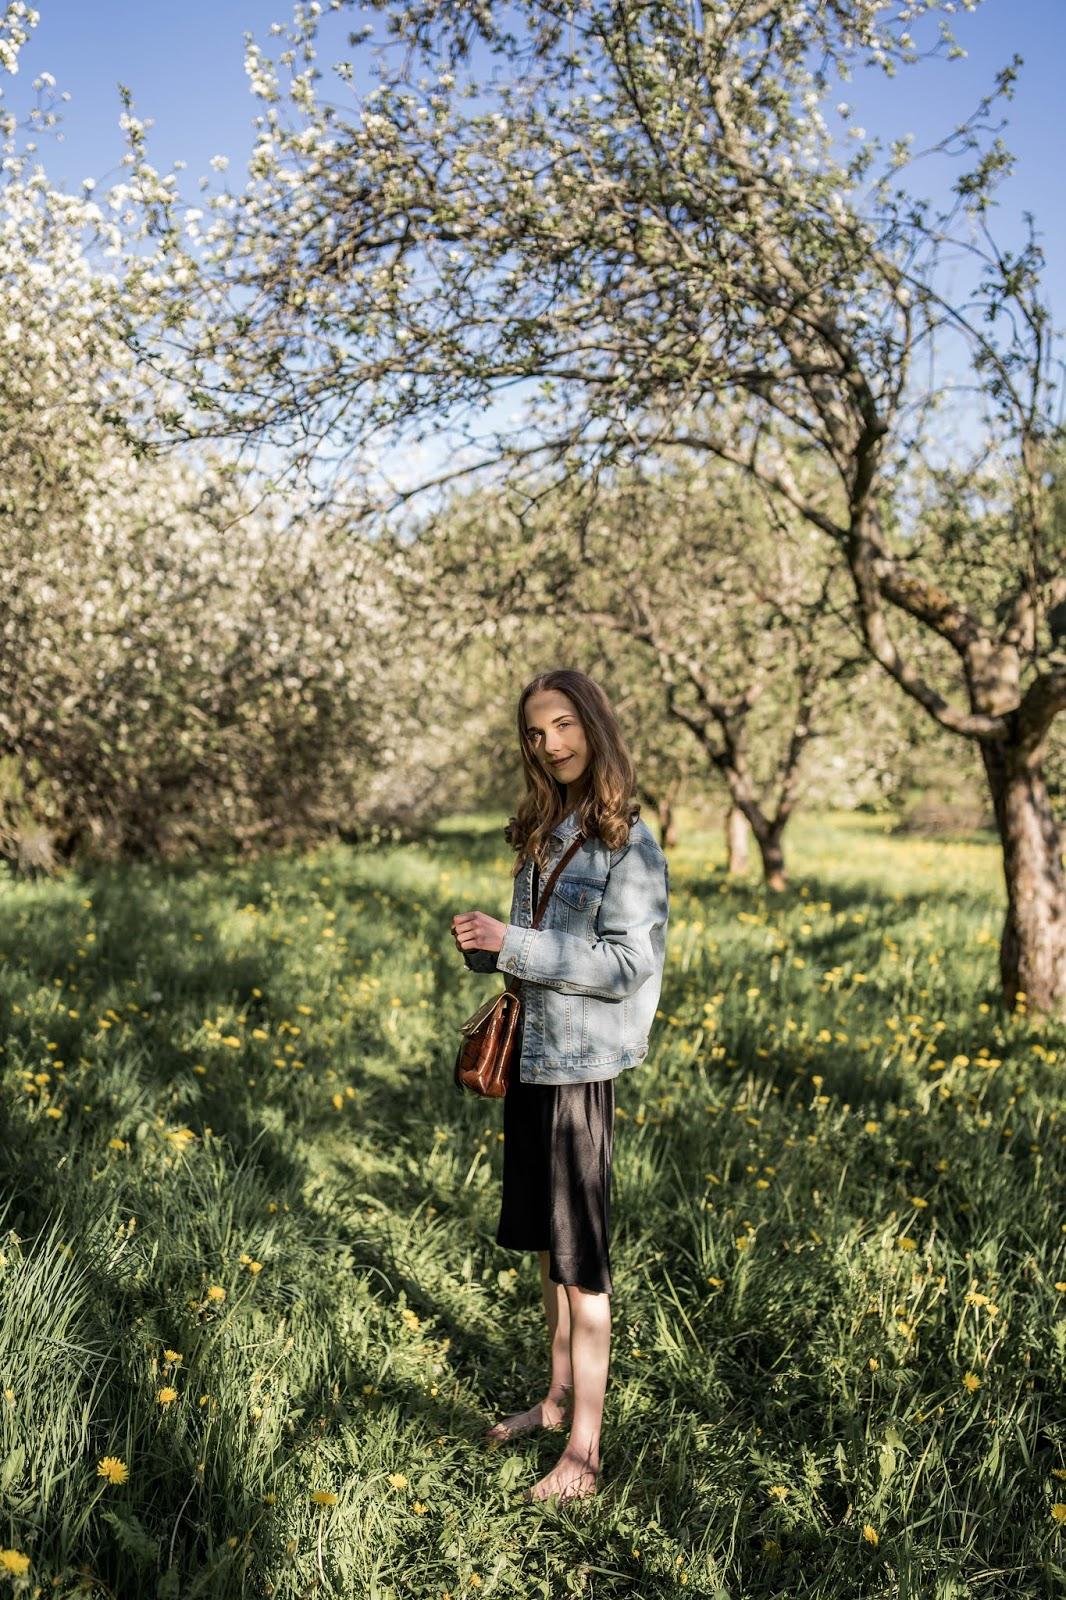 Fashion blogger summer outfit, apple garden, vintage handbag - Muotibloggaaja, kesämuoti, omenapuutarha, vintage-laukku